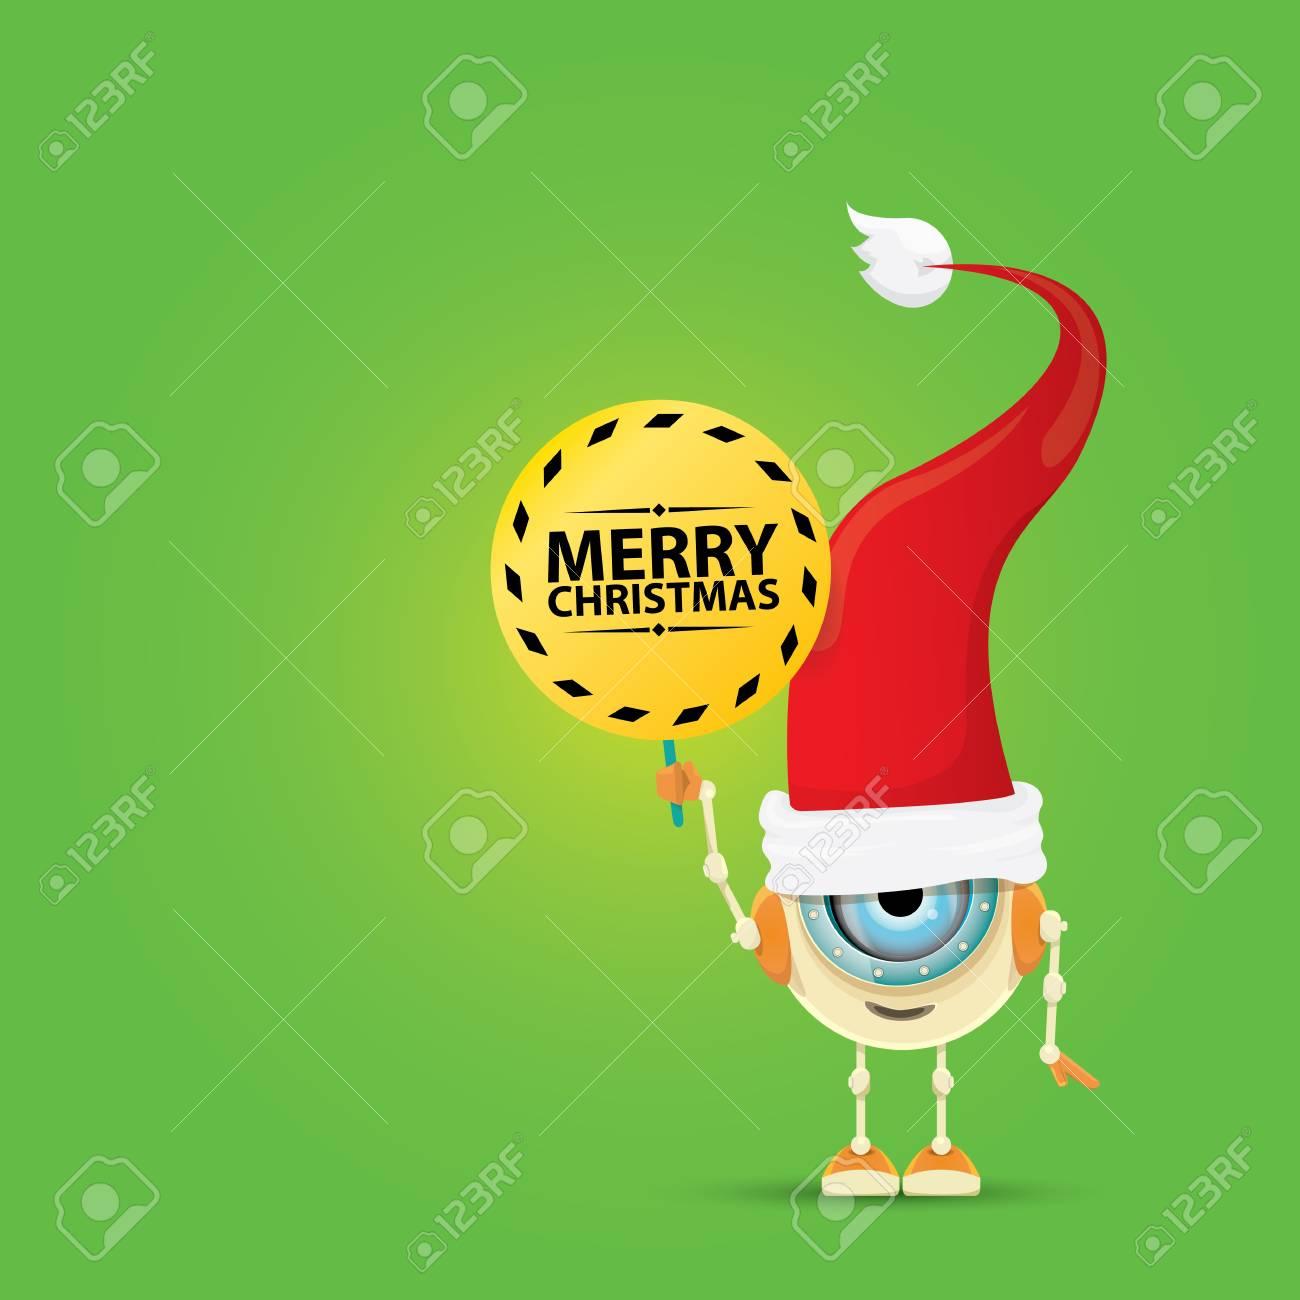 Cartoon Robot Mignon Avec Joyeux Noel Santa Claus Chapeau Rouge